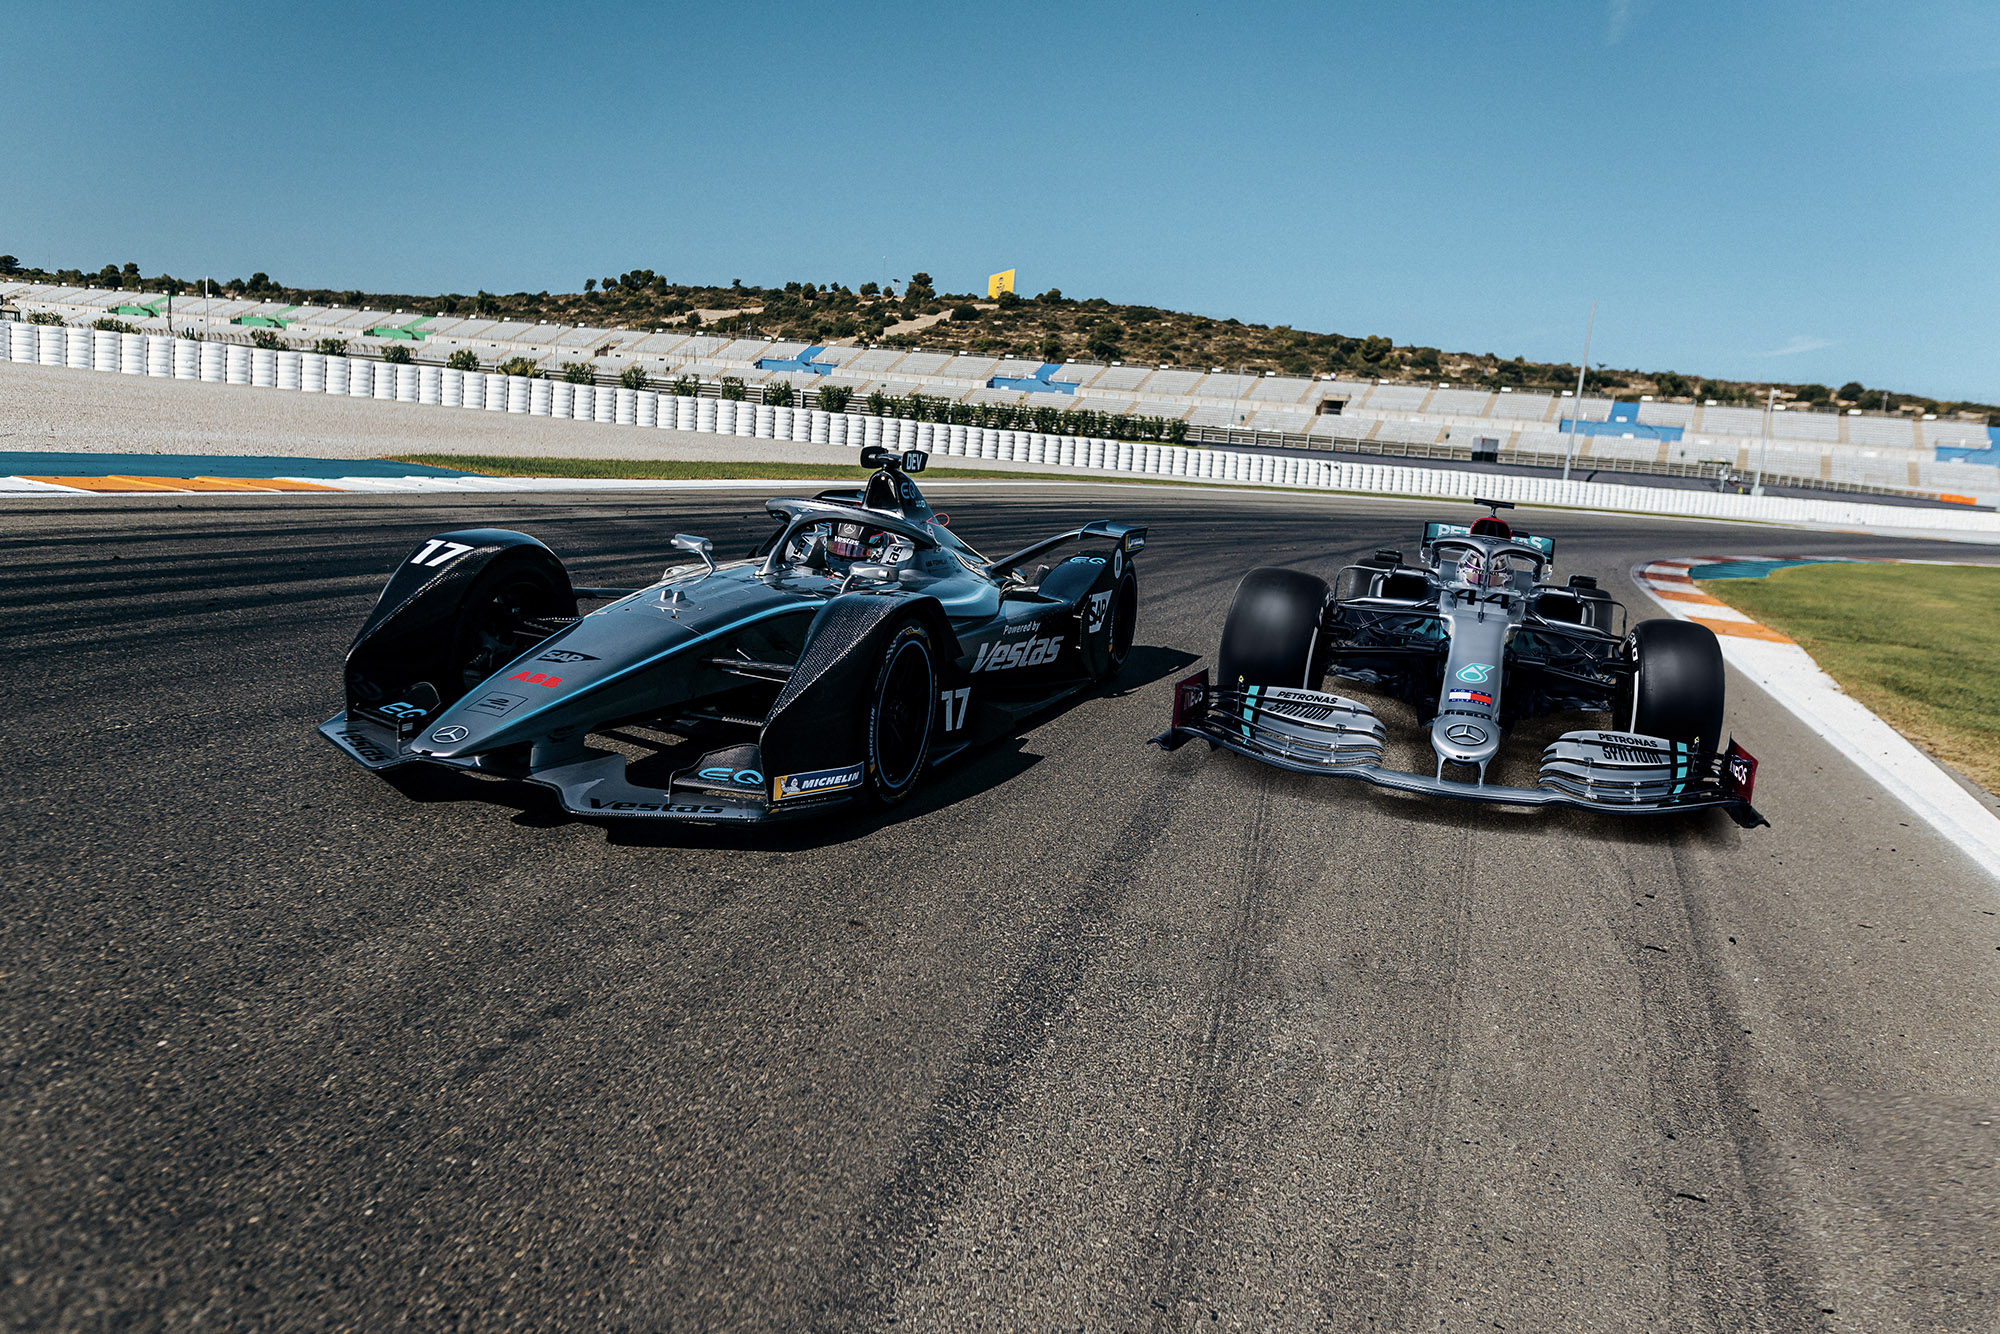 Mercedes Formula E car next to a Mercedes F1 car